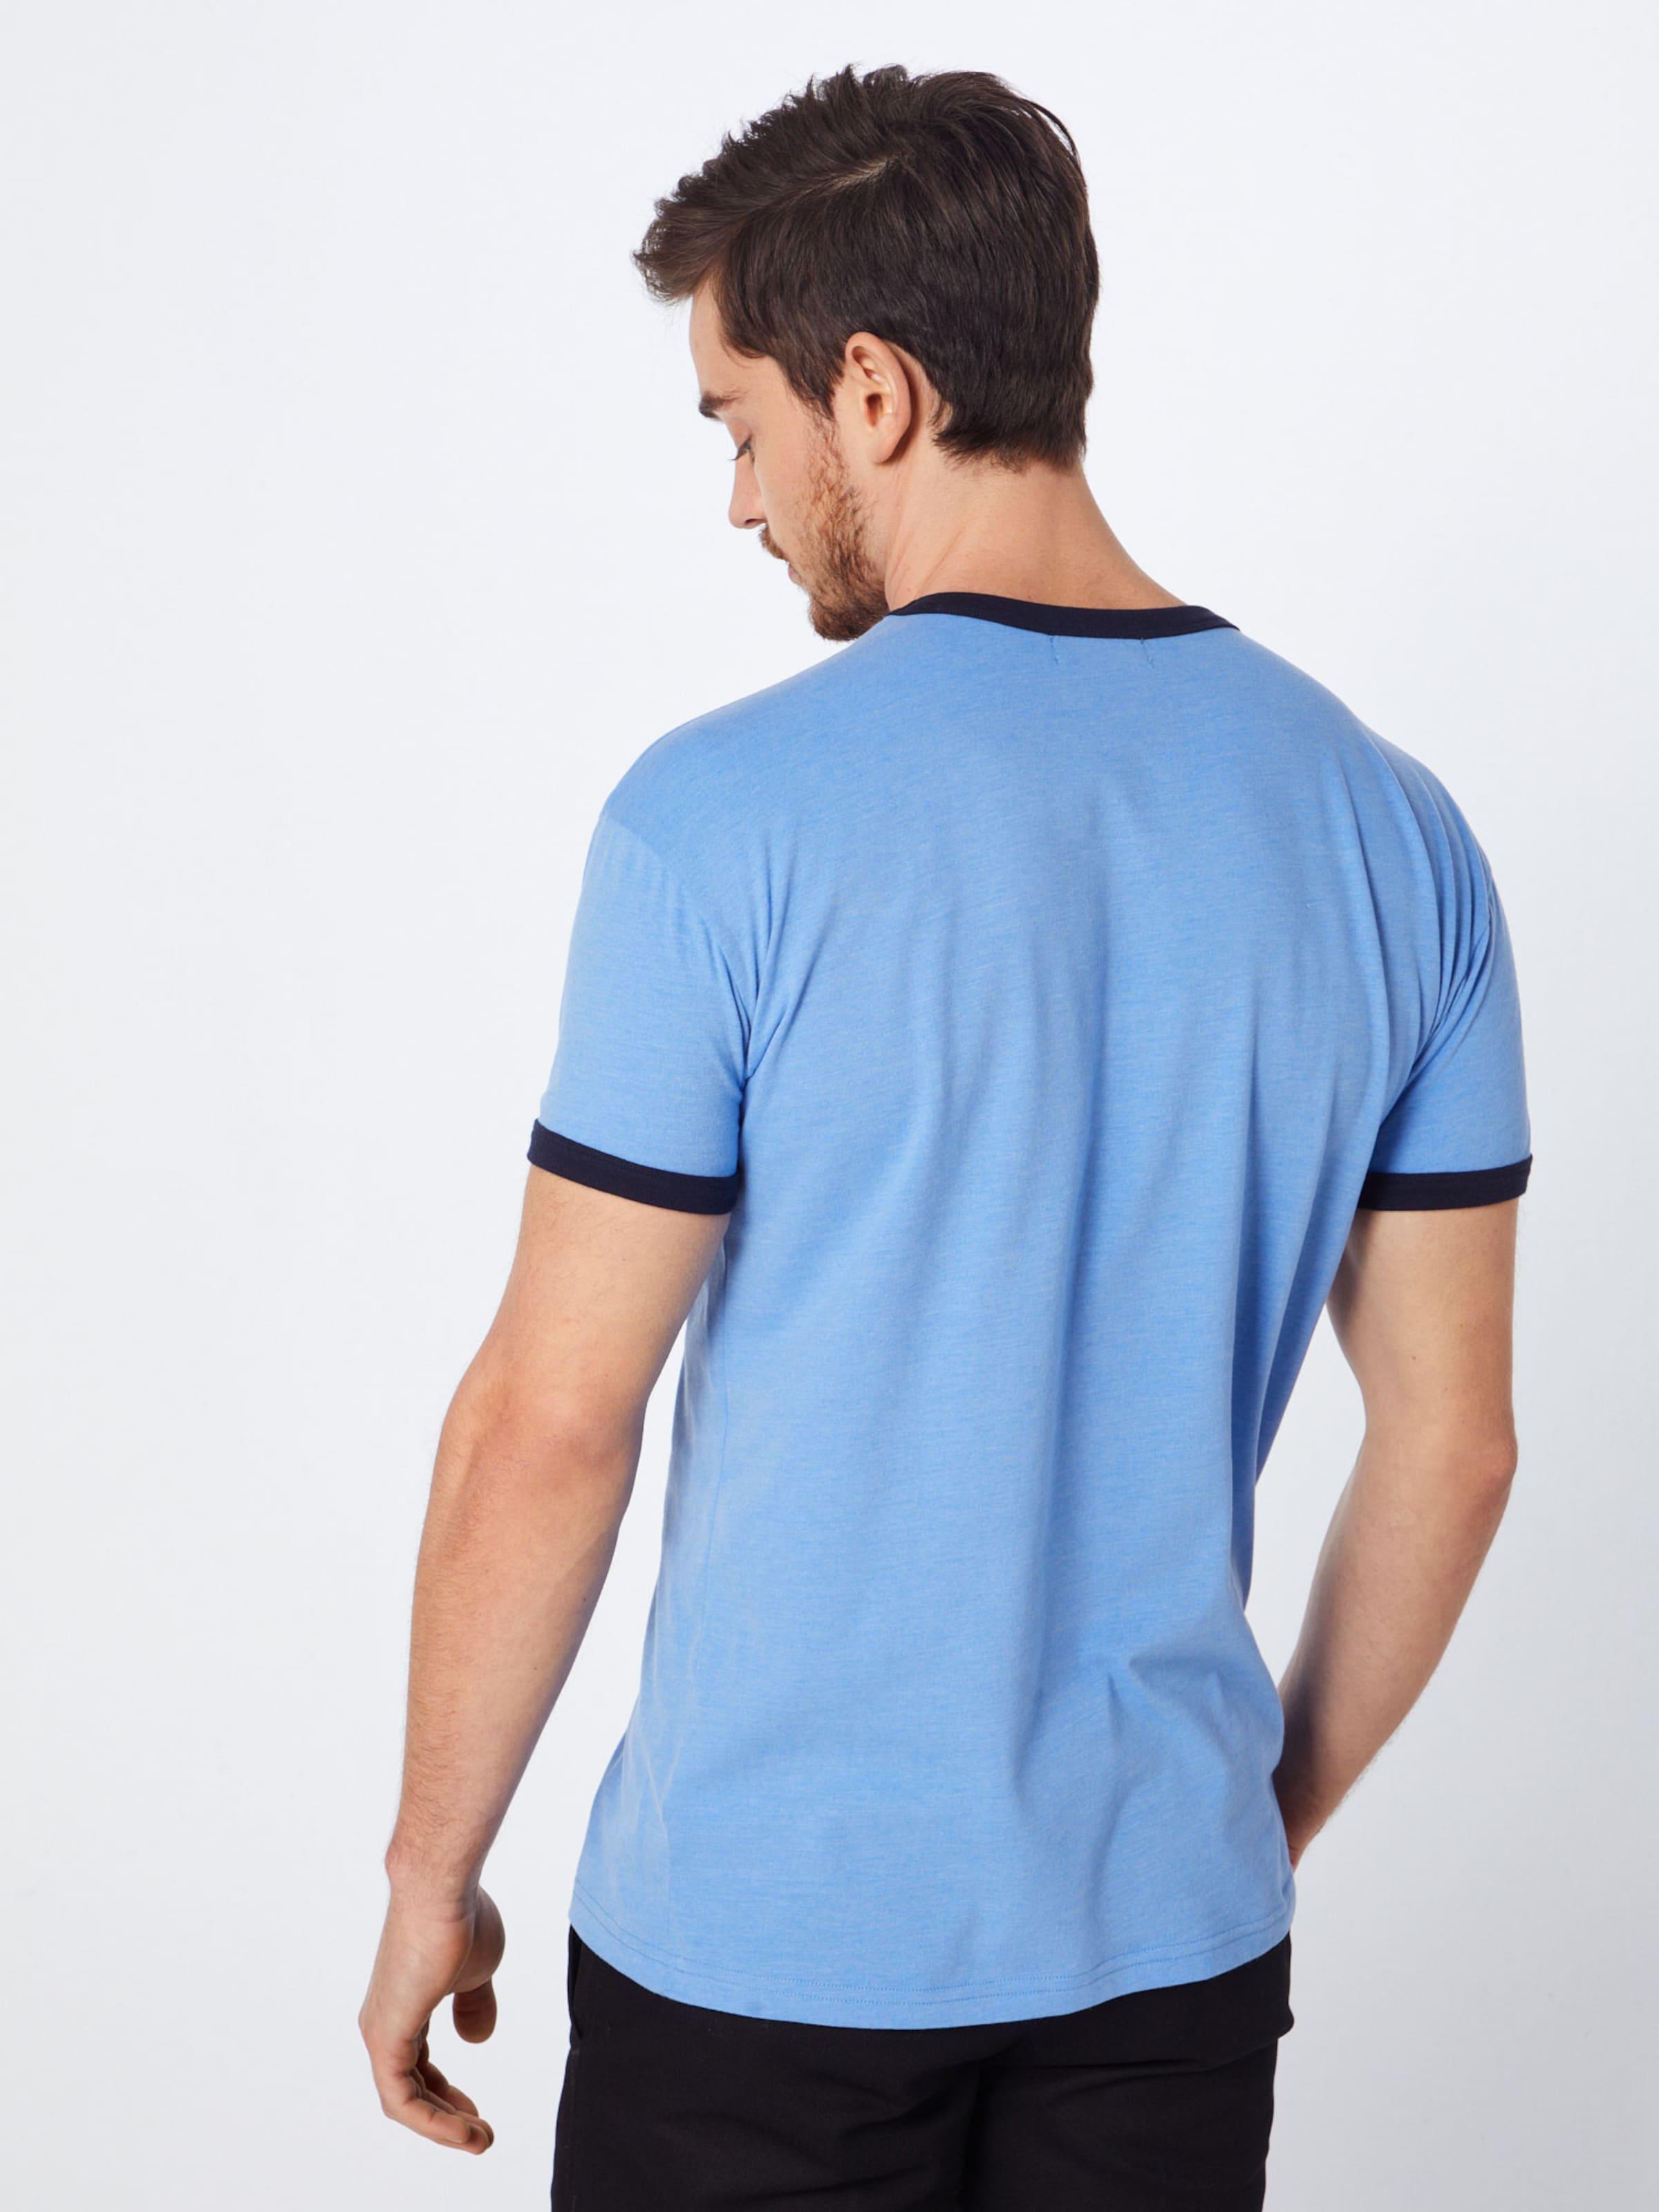 T Derbe En shirt 'hans' BleuNoir ZOXPiuk